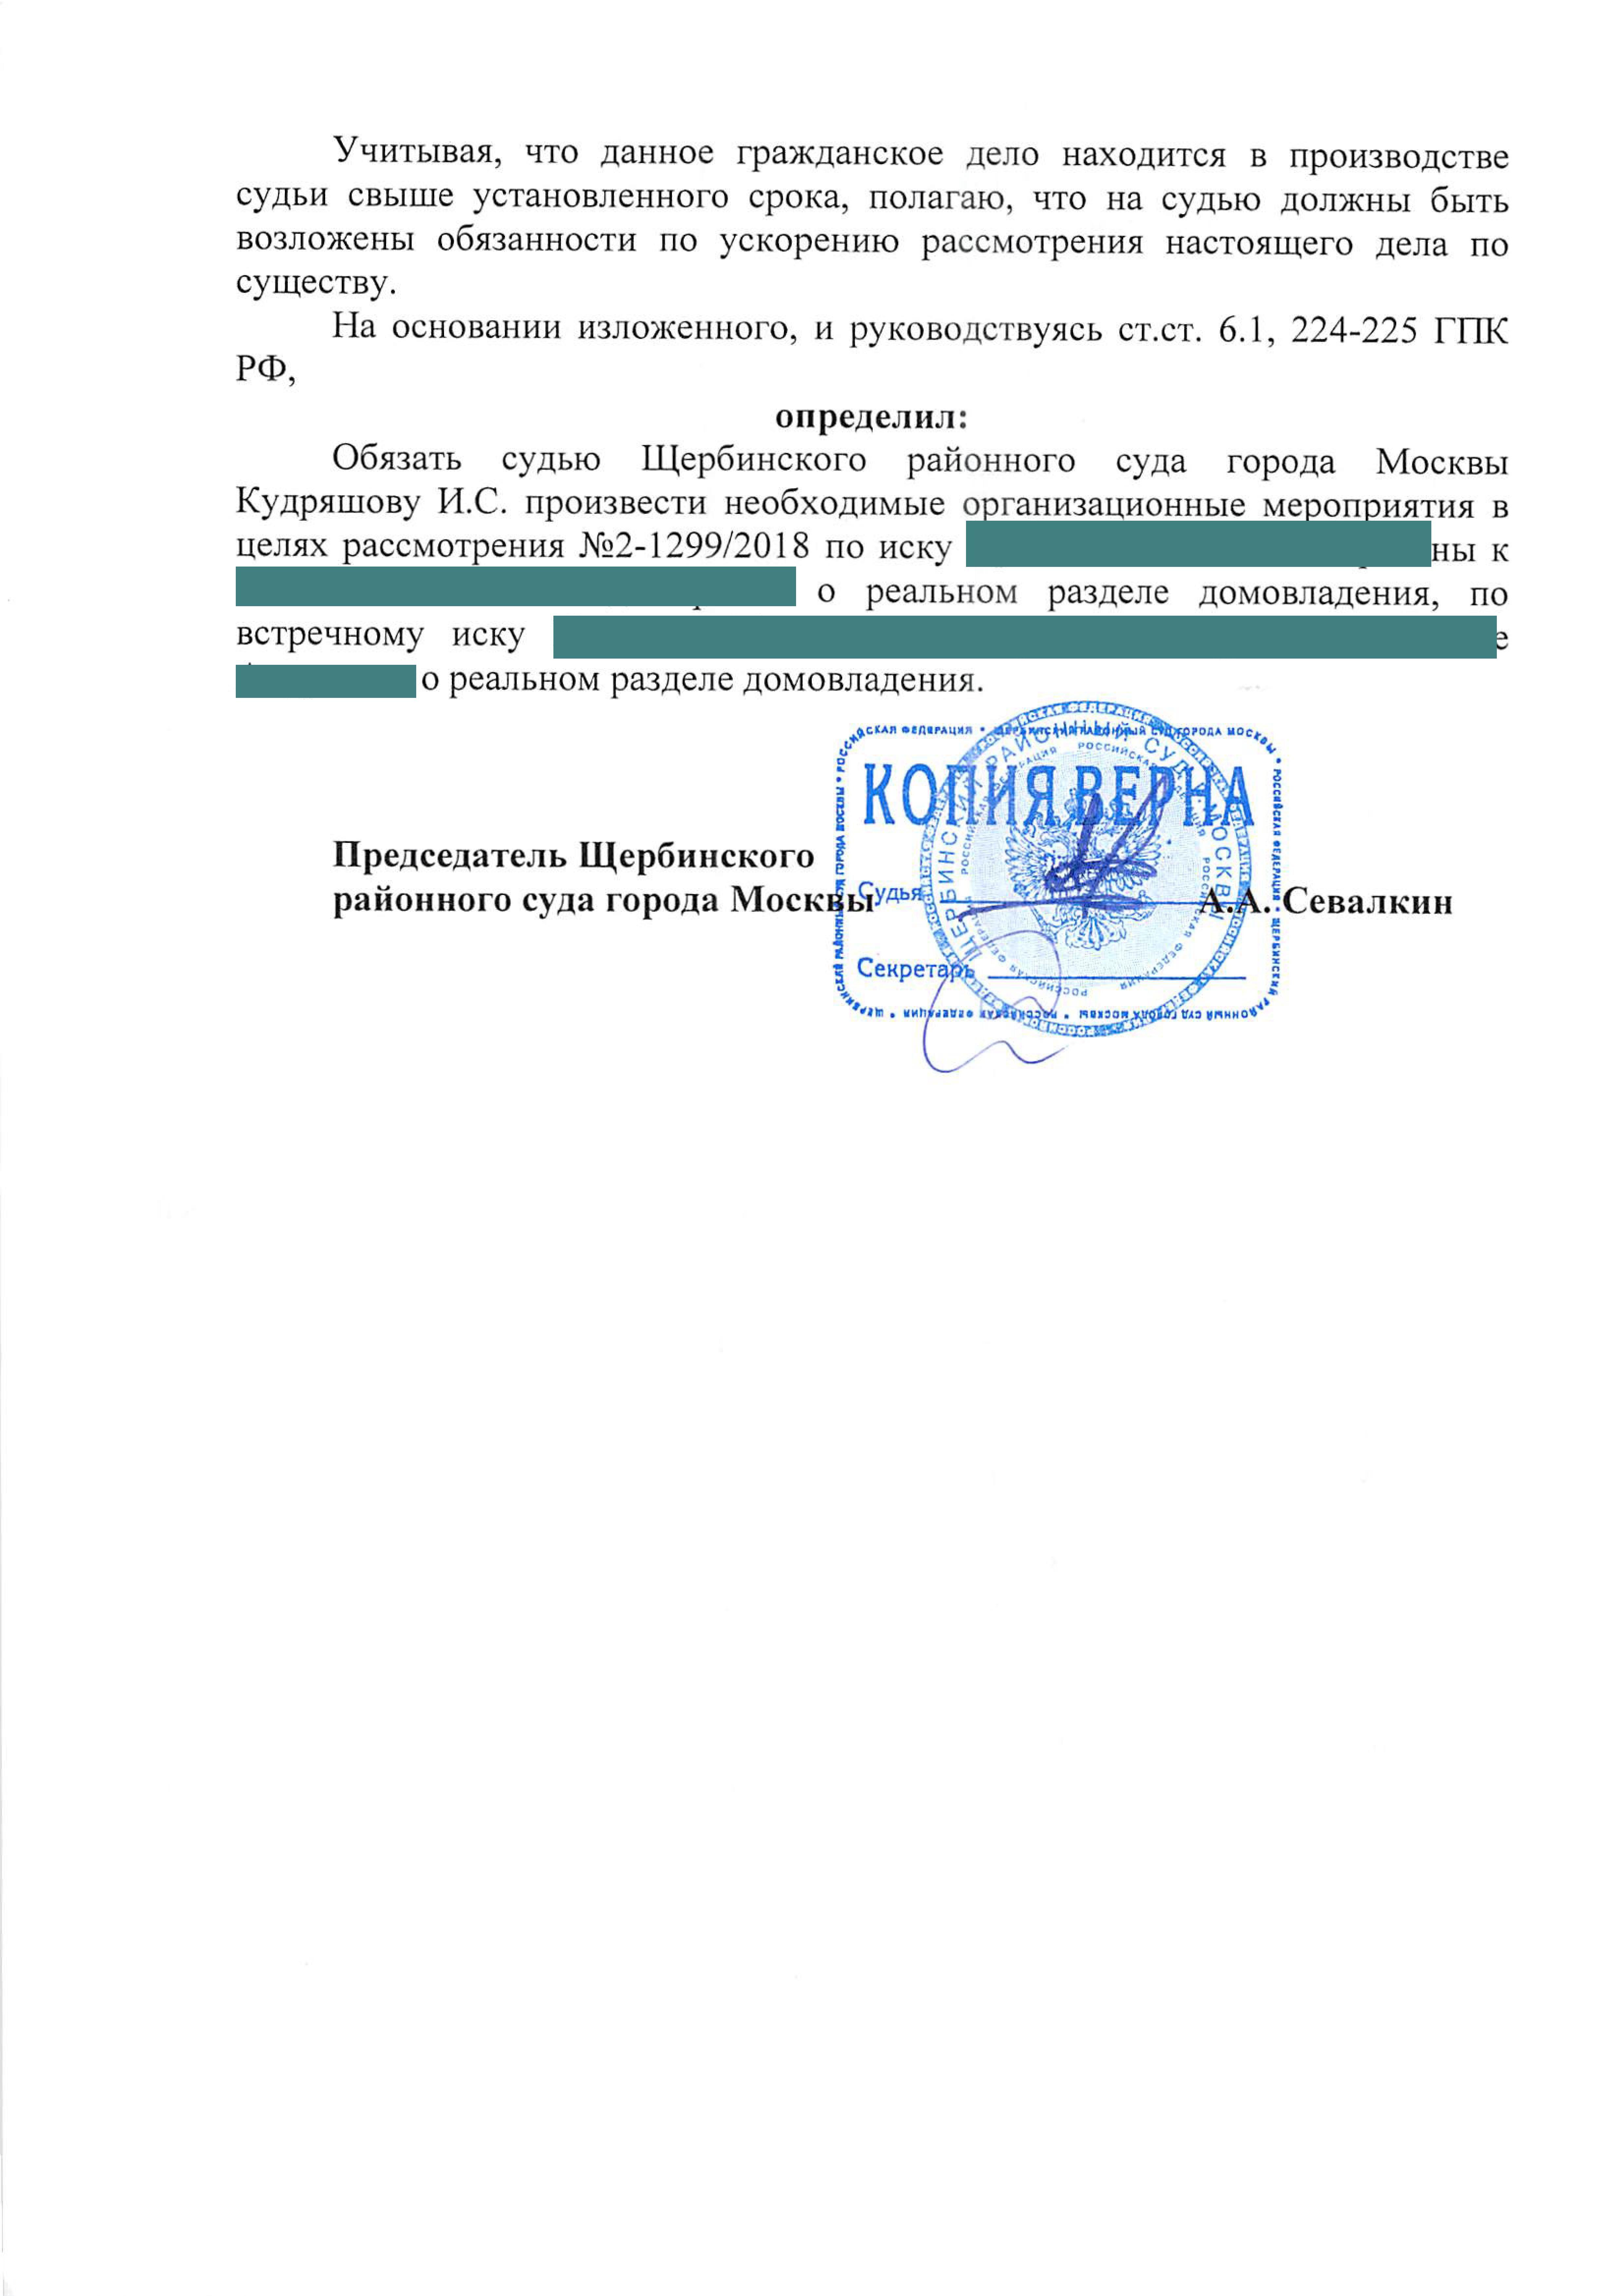 170. Судья Кудряшова И.С., Заявление об ускорении рассмотрения дела в суде первой инстанции